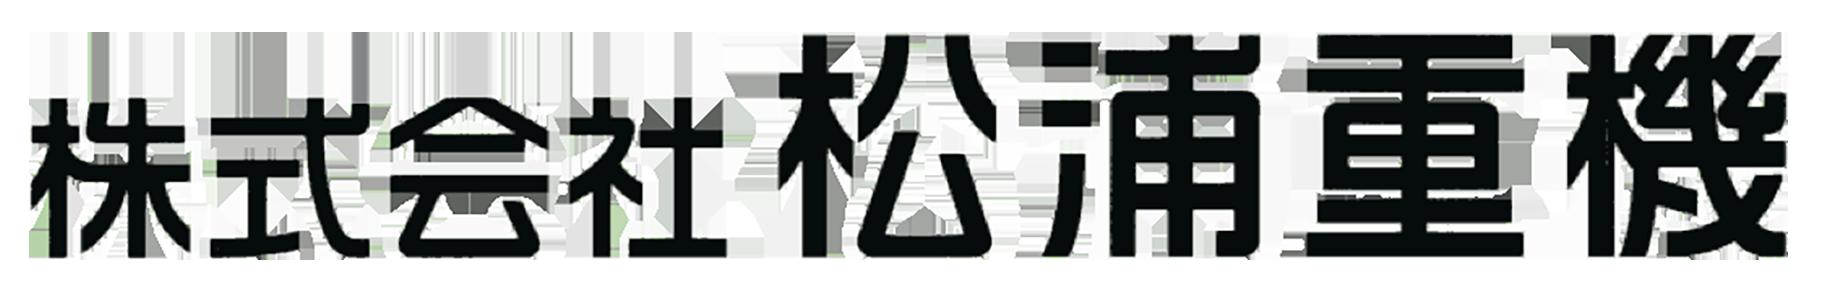 松浦重機ロゴ